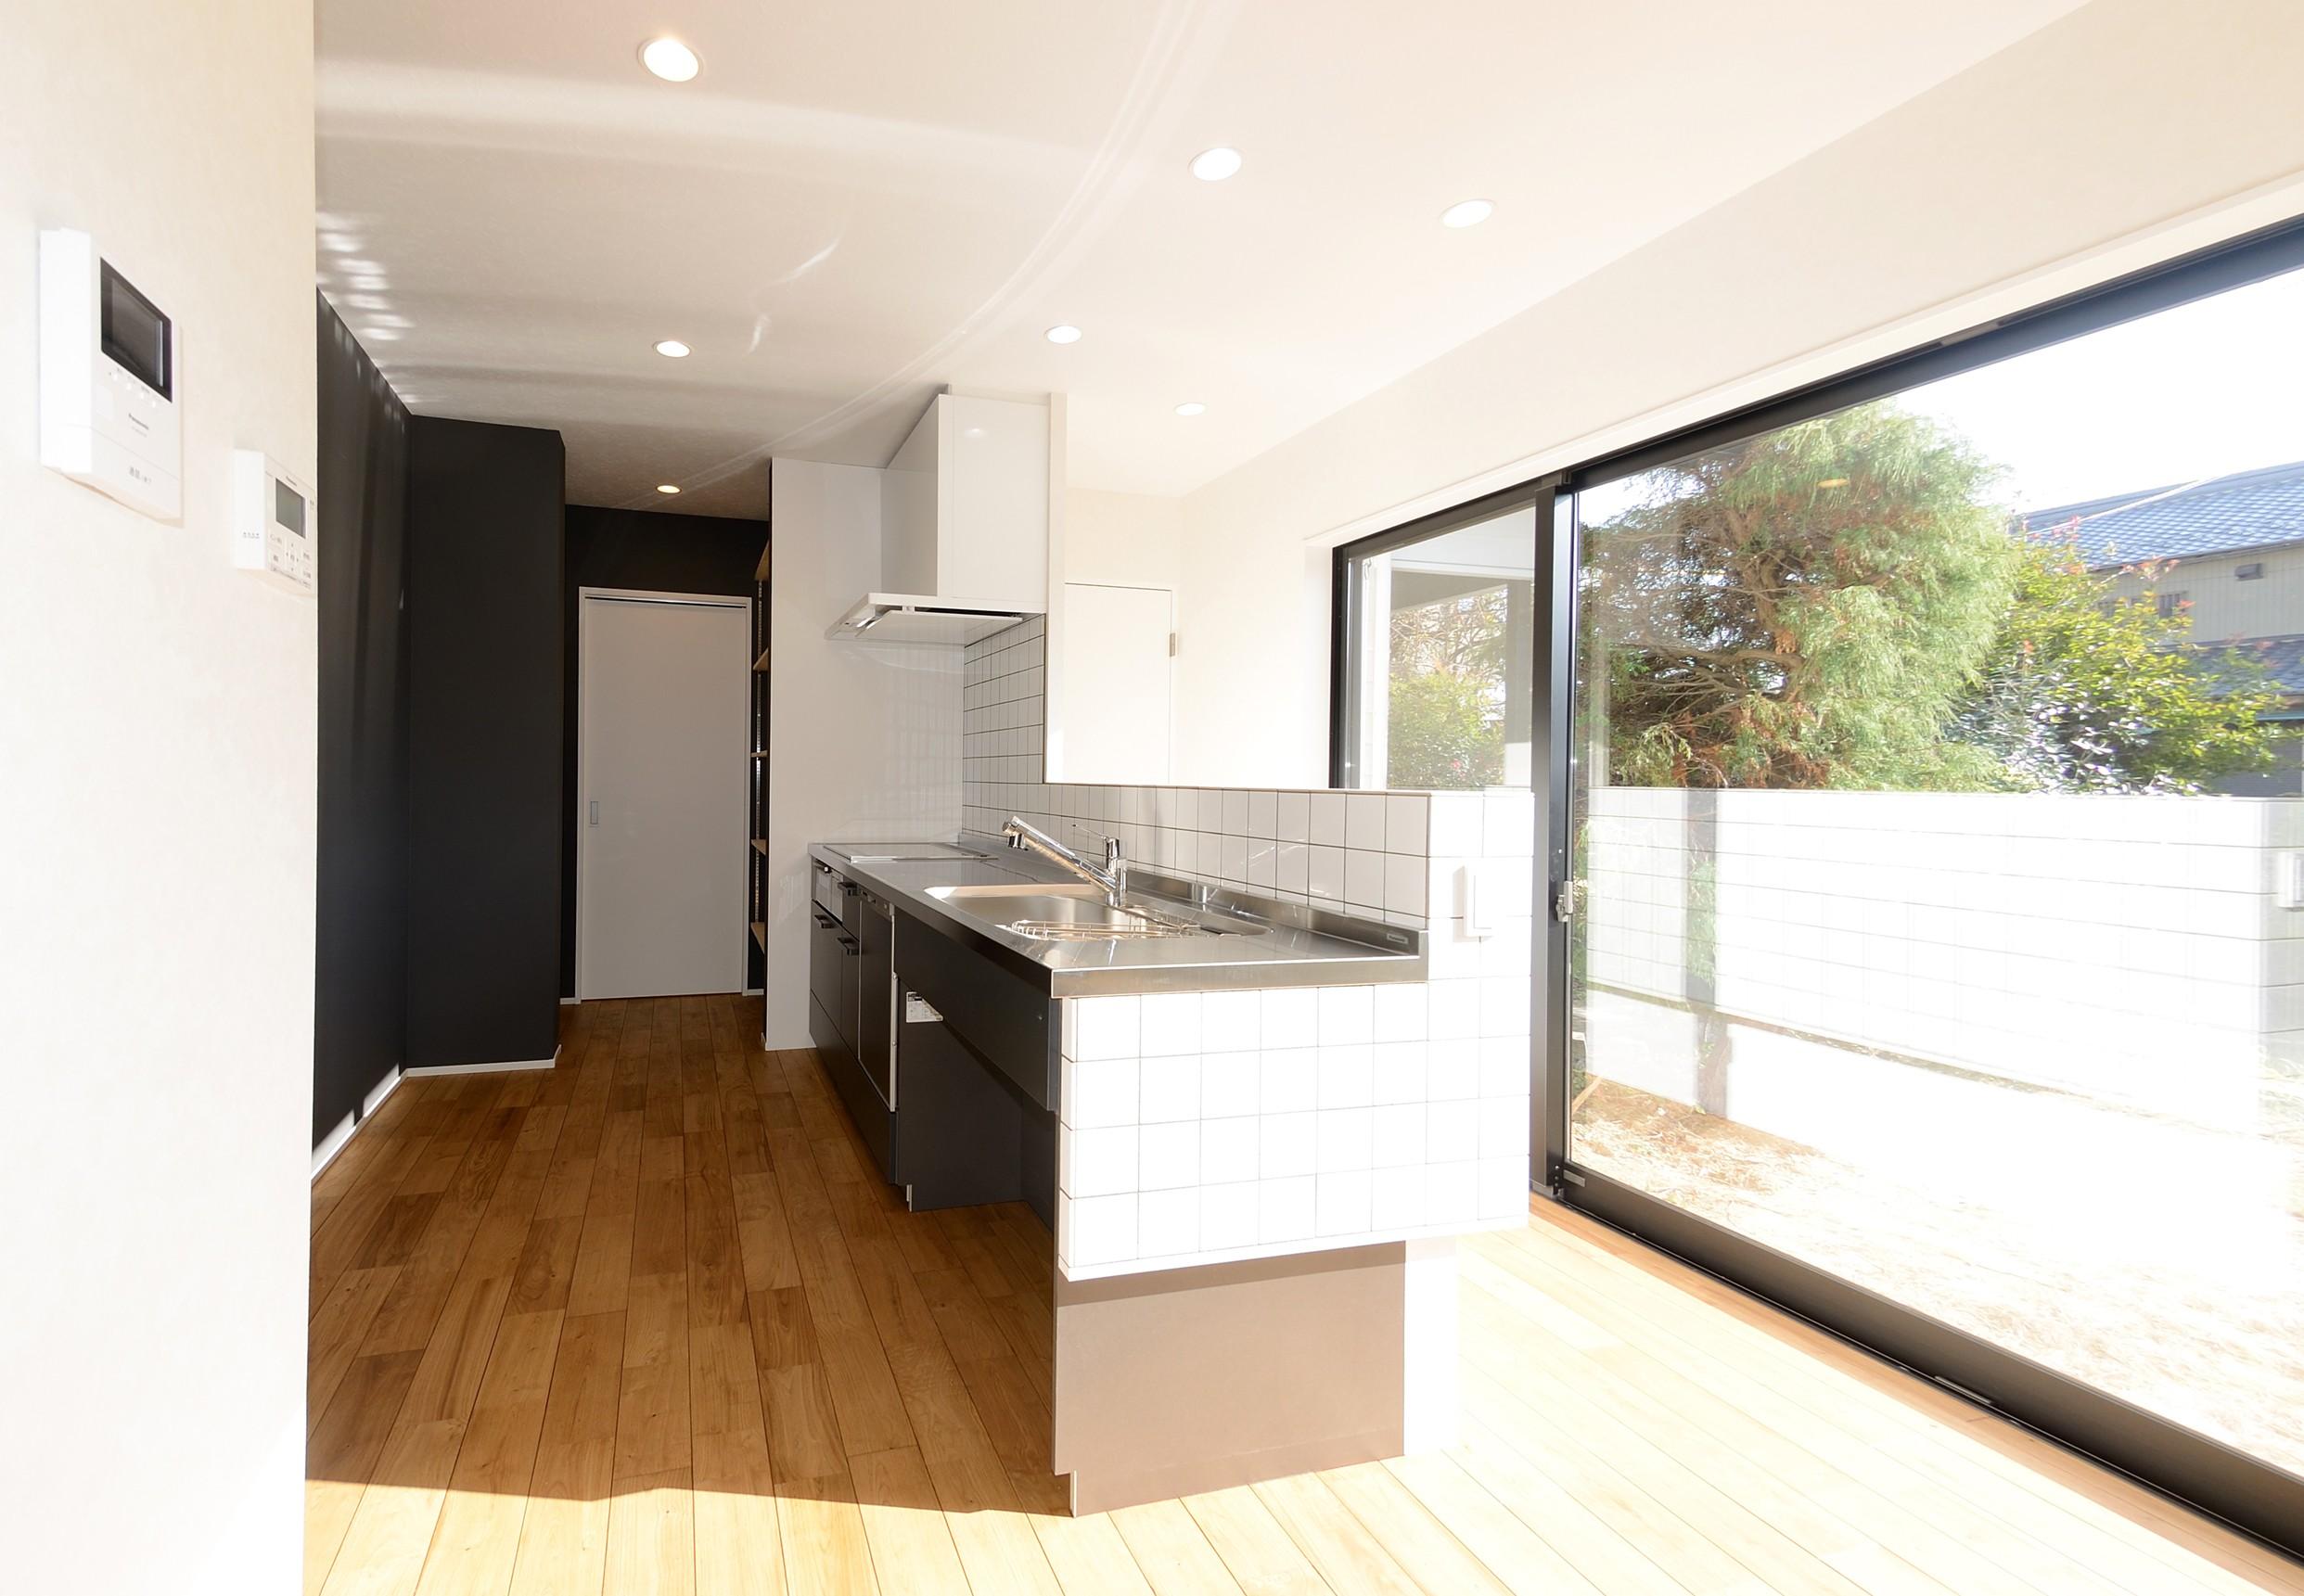 キッチン事例:キッチン(森のような風情を楽しみながら過ごす築40年以上の戸建てリファイニング)